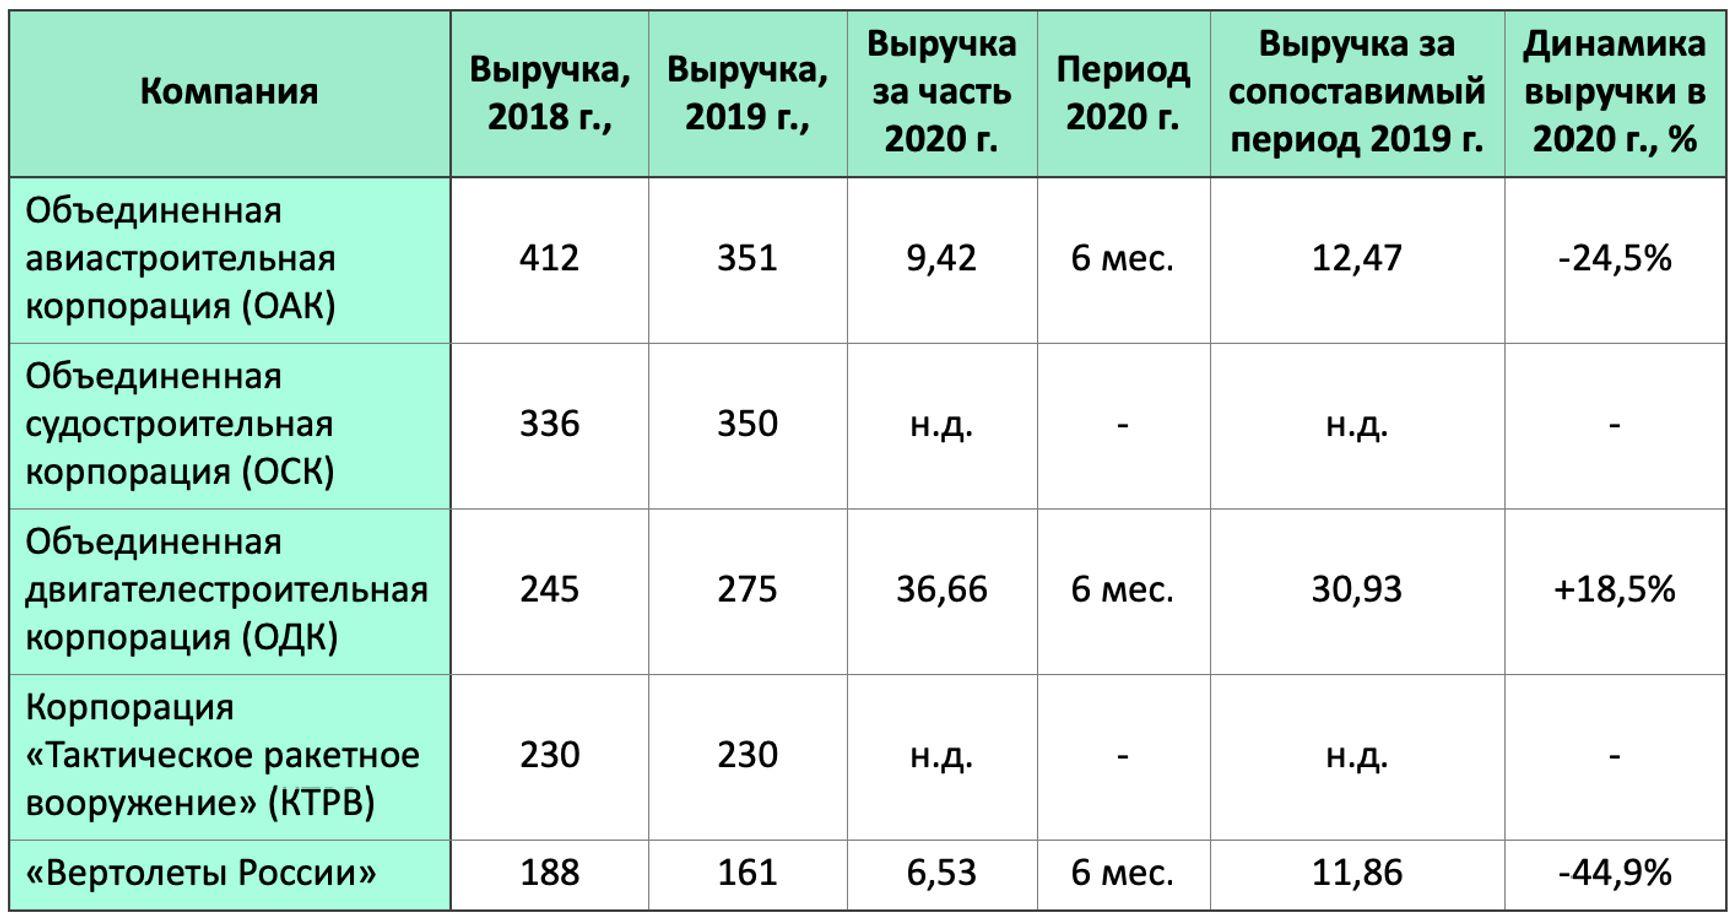 Динамика выручки крупнейших российских предприятий ОПК по открытым источникам, млрд руб.